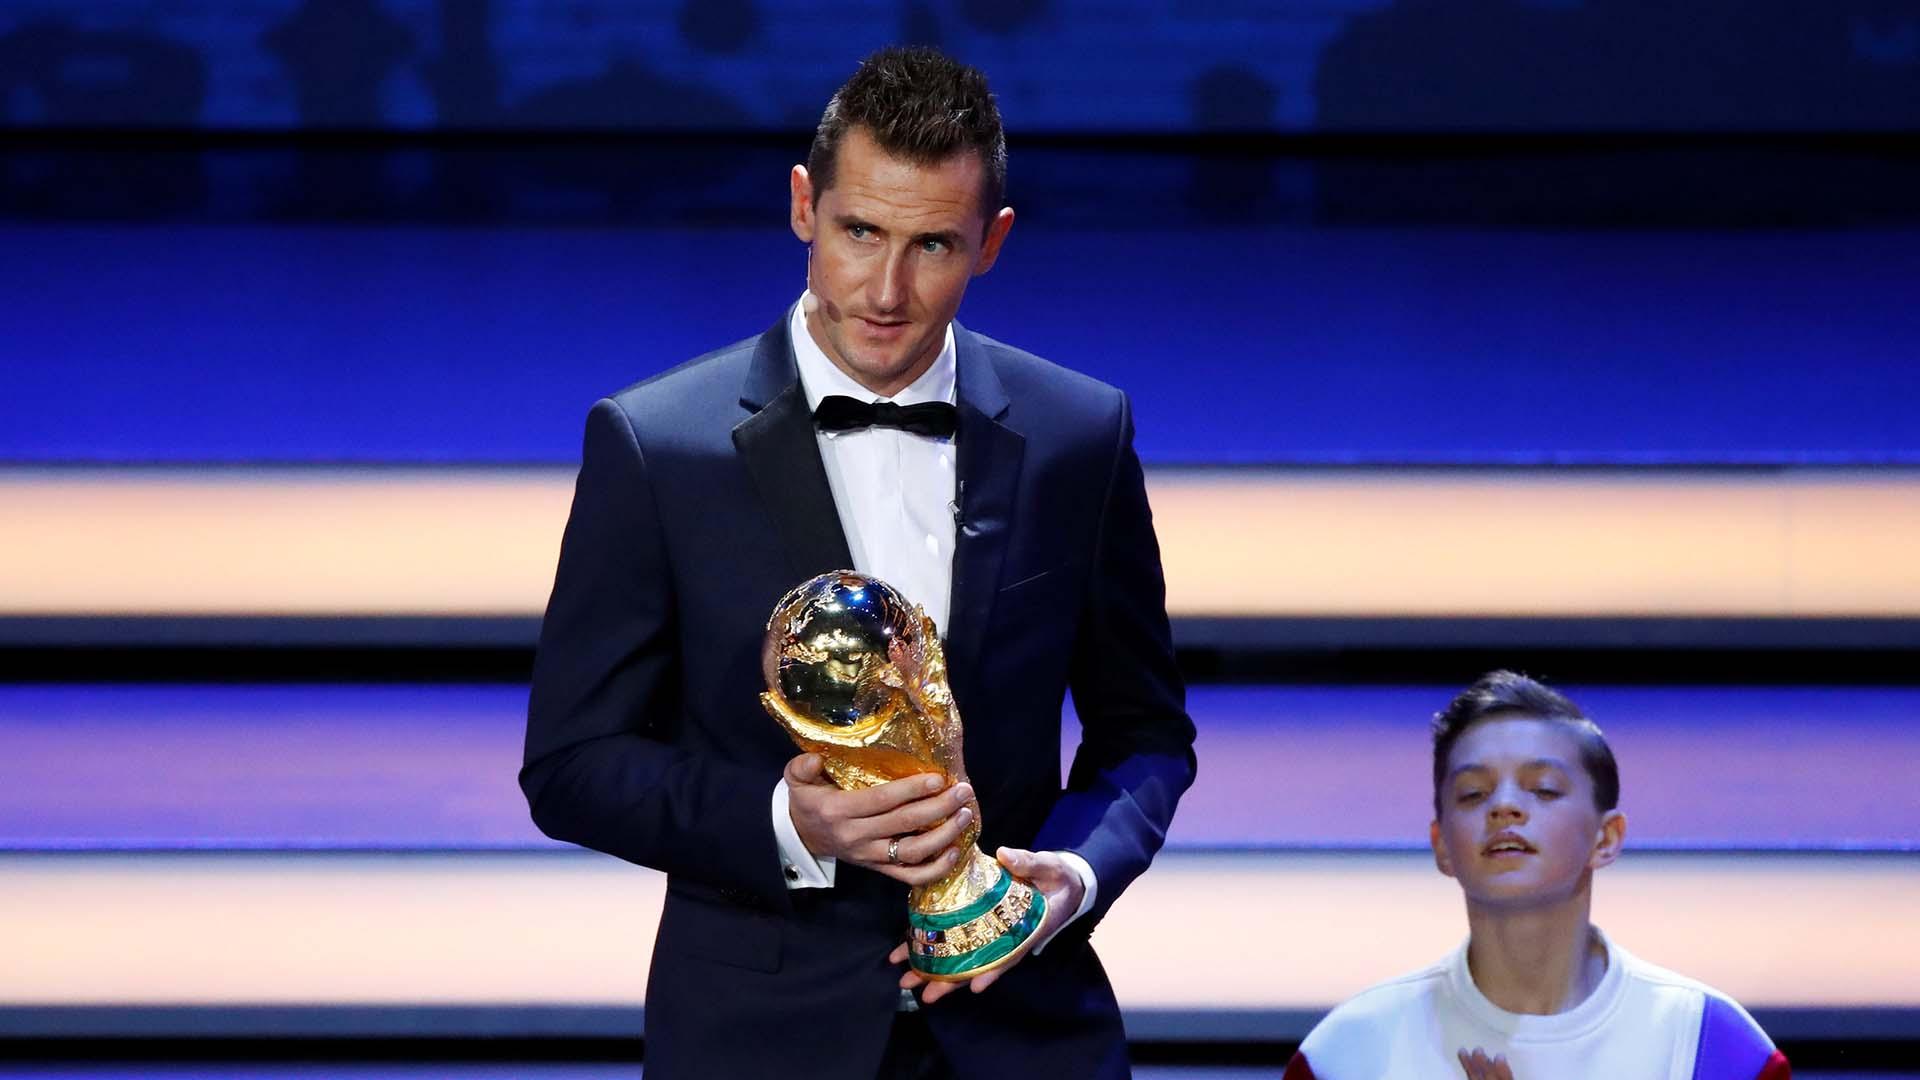 Klose, goleador histórico de la historia de los mundiales, se fotografió con la copa